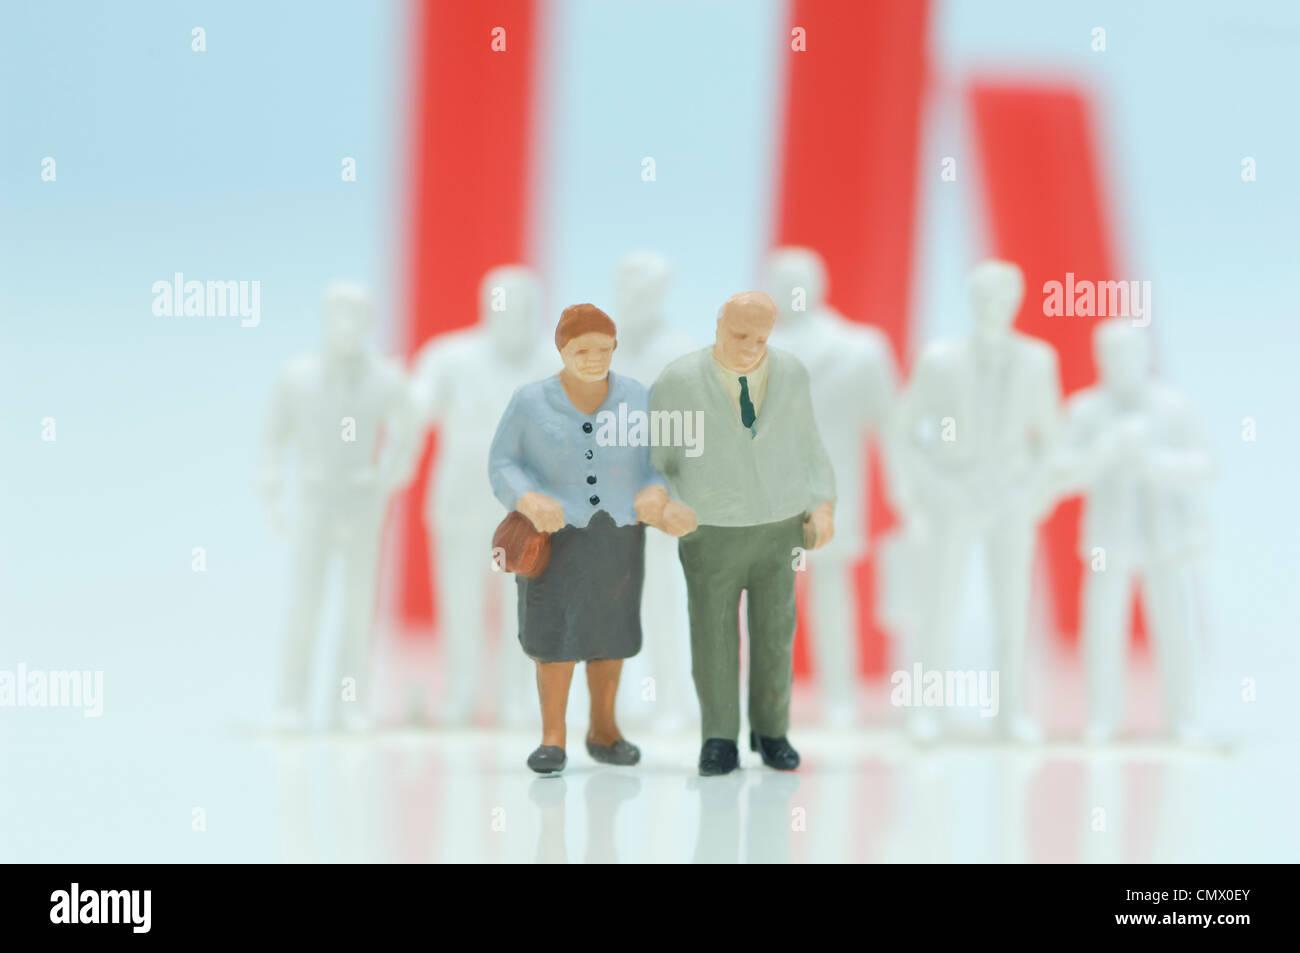 Figurina di cittadini anziani Immagini Stock